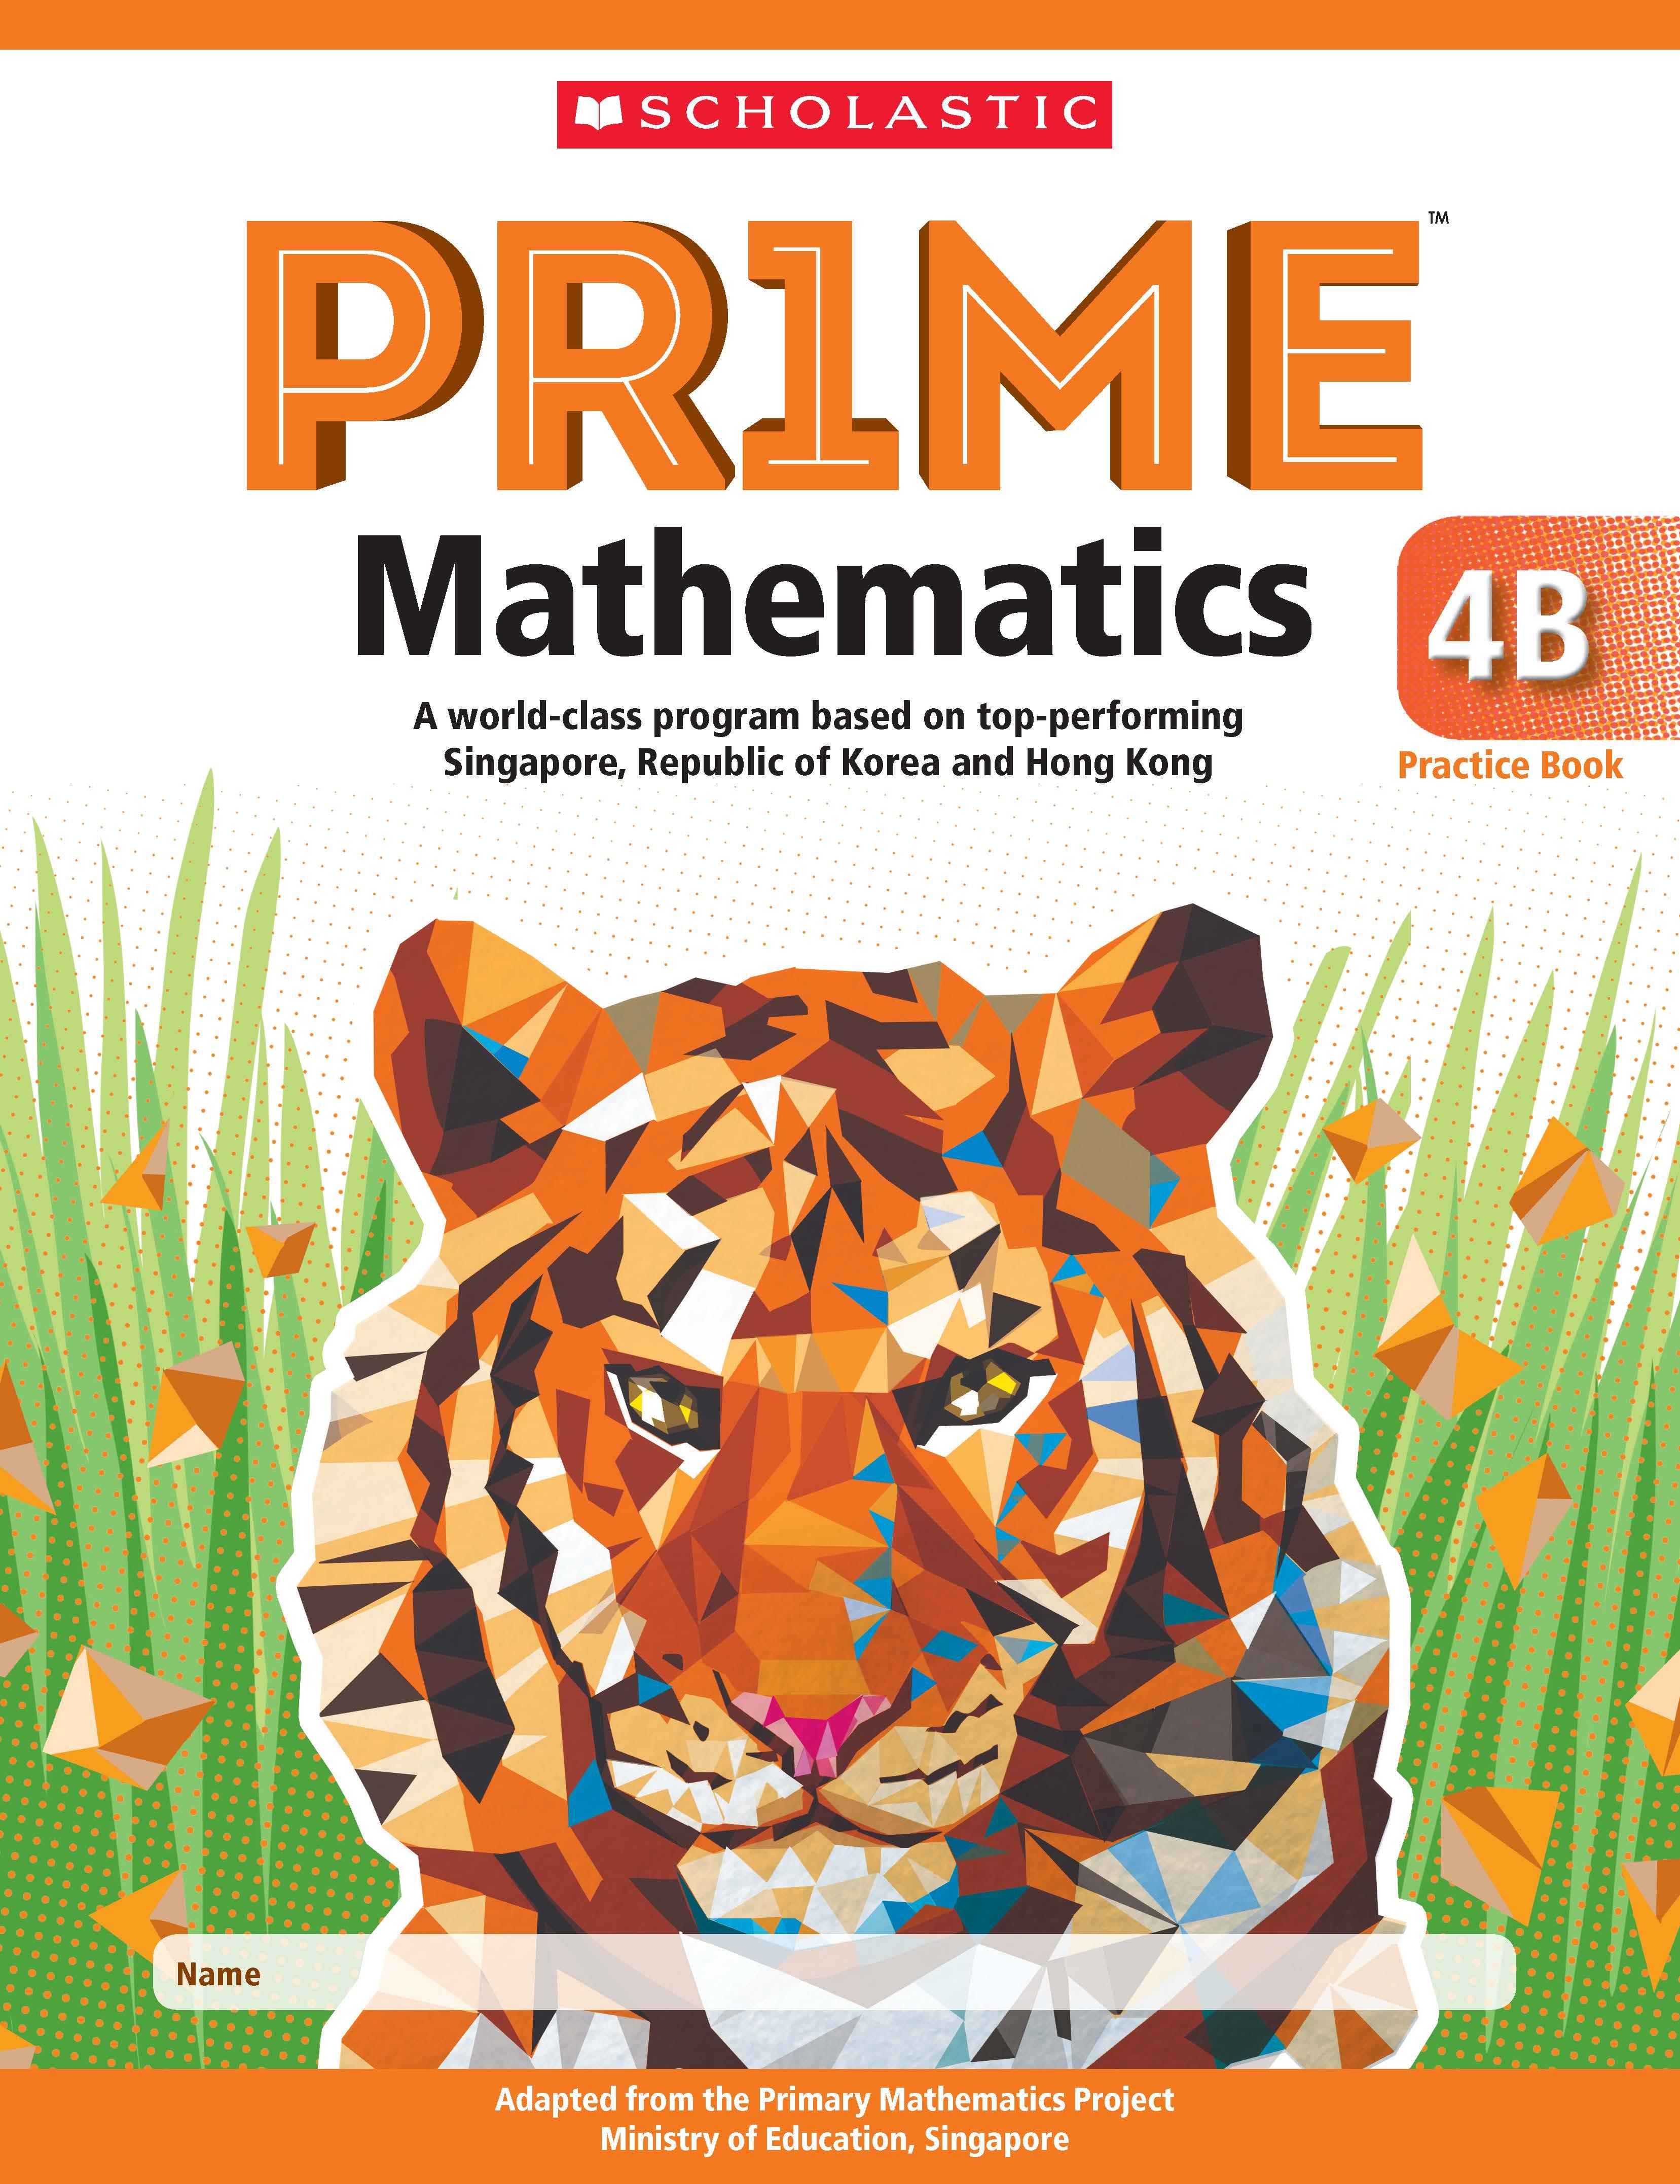 Prime Mathematics Practice Book 4B